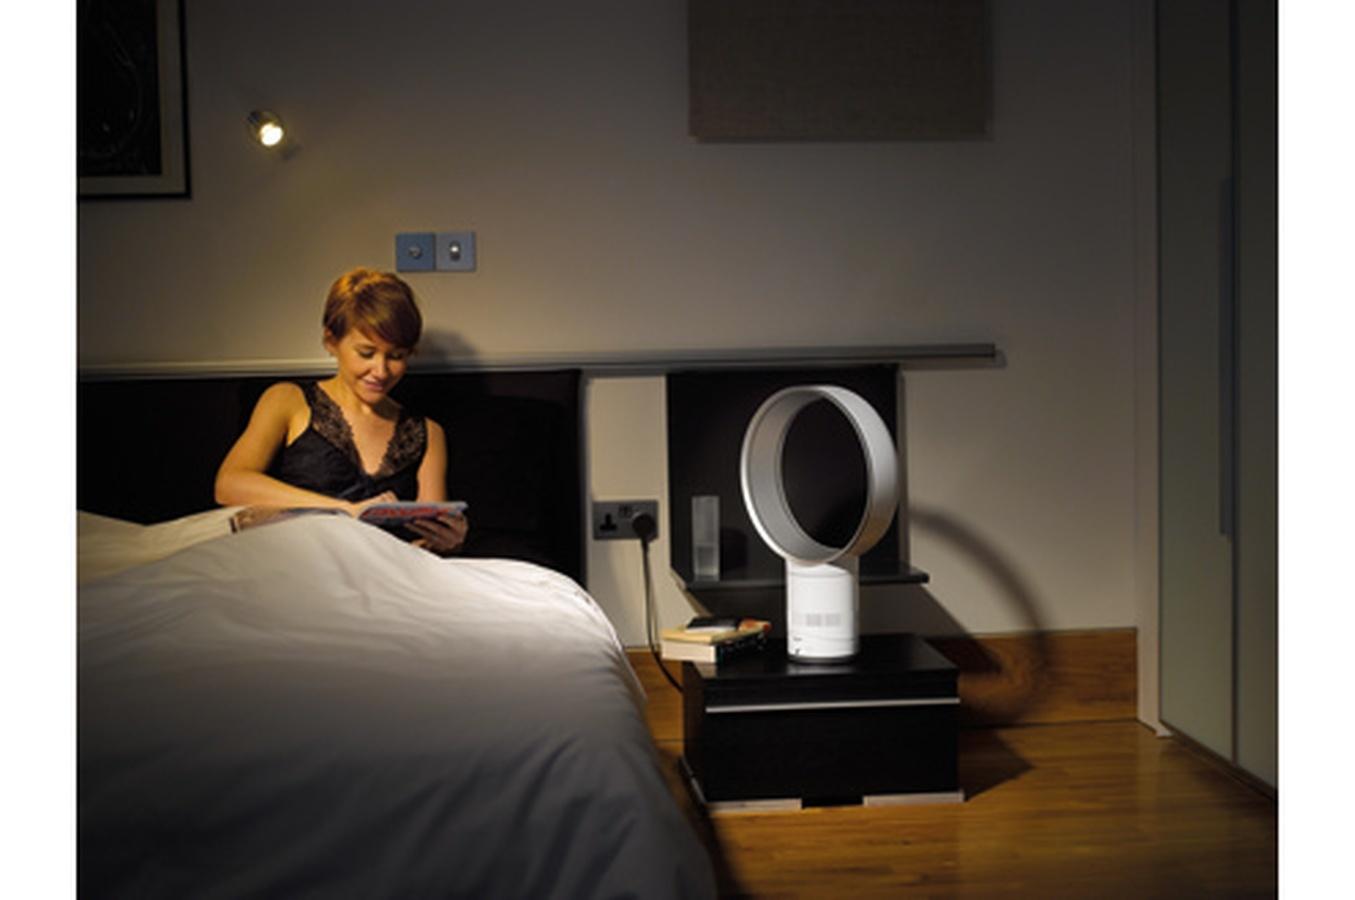 dyson ventilateur de table am01 pas cher achat vente ventilateur rueducommerce. Black Bedroom Furniture Sets. Home Design Ideas